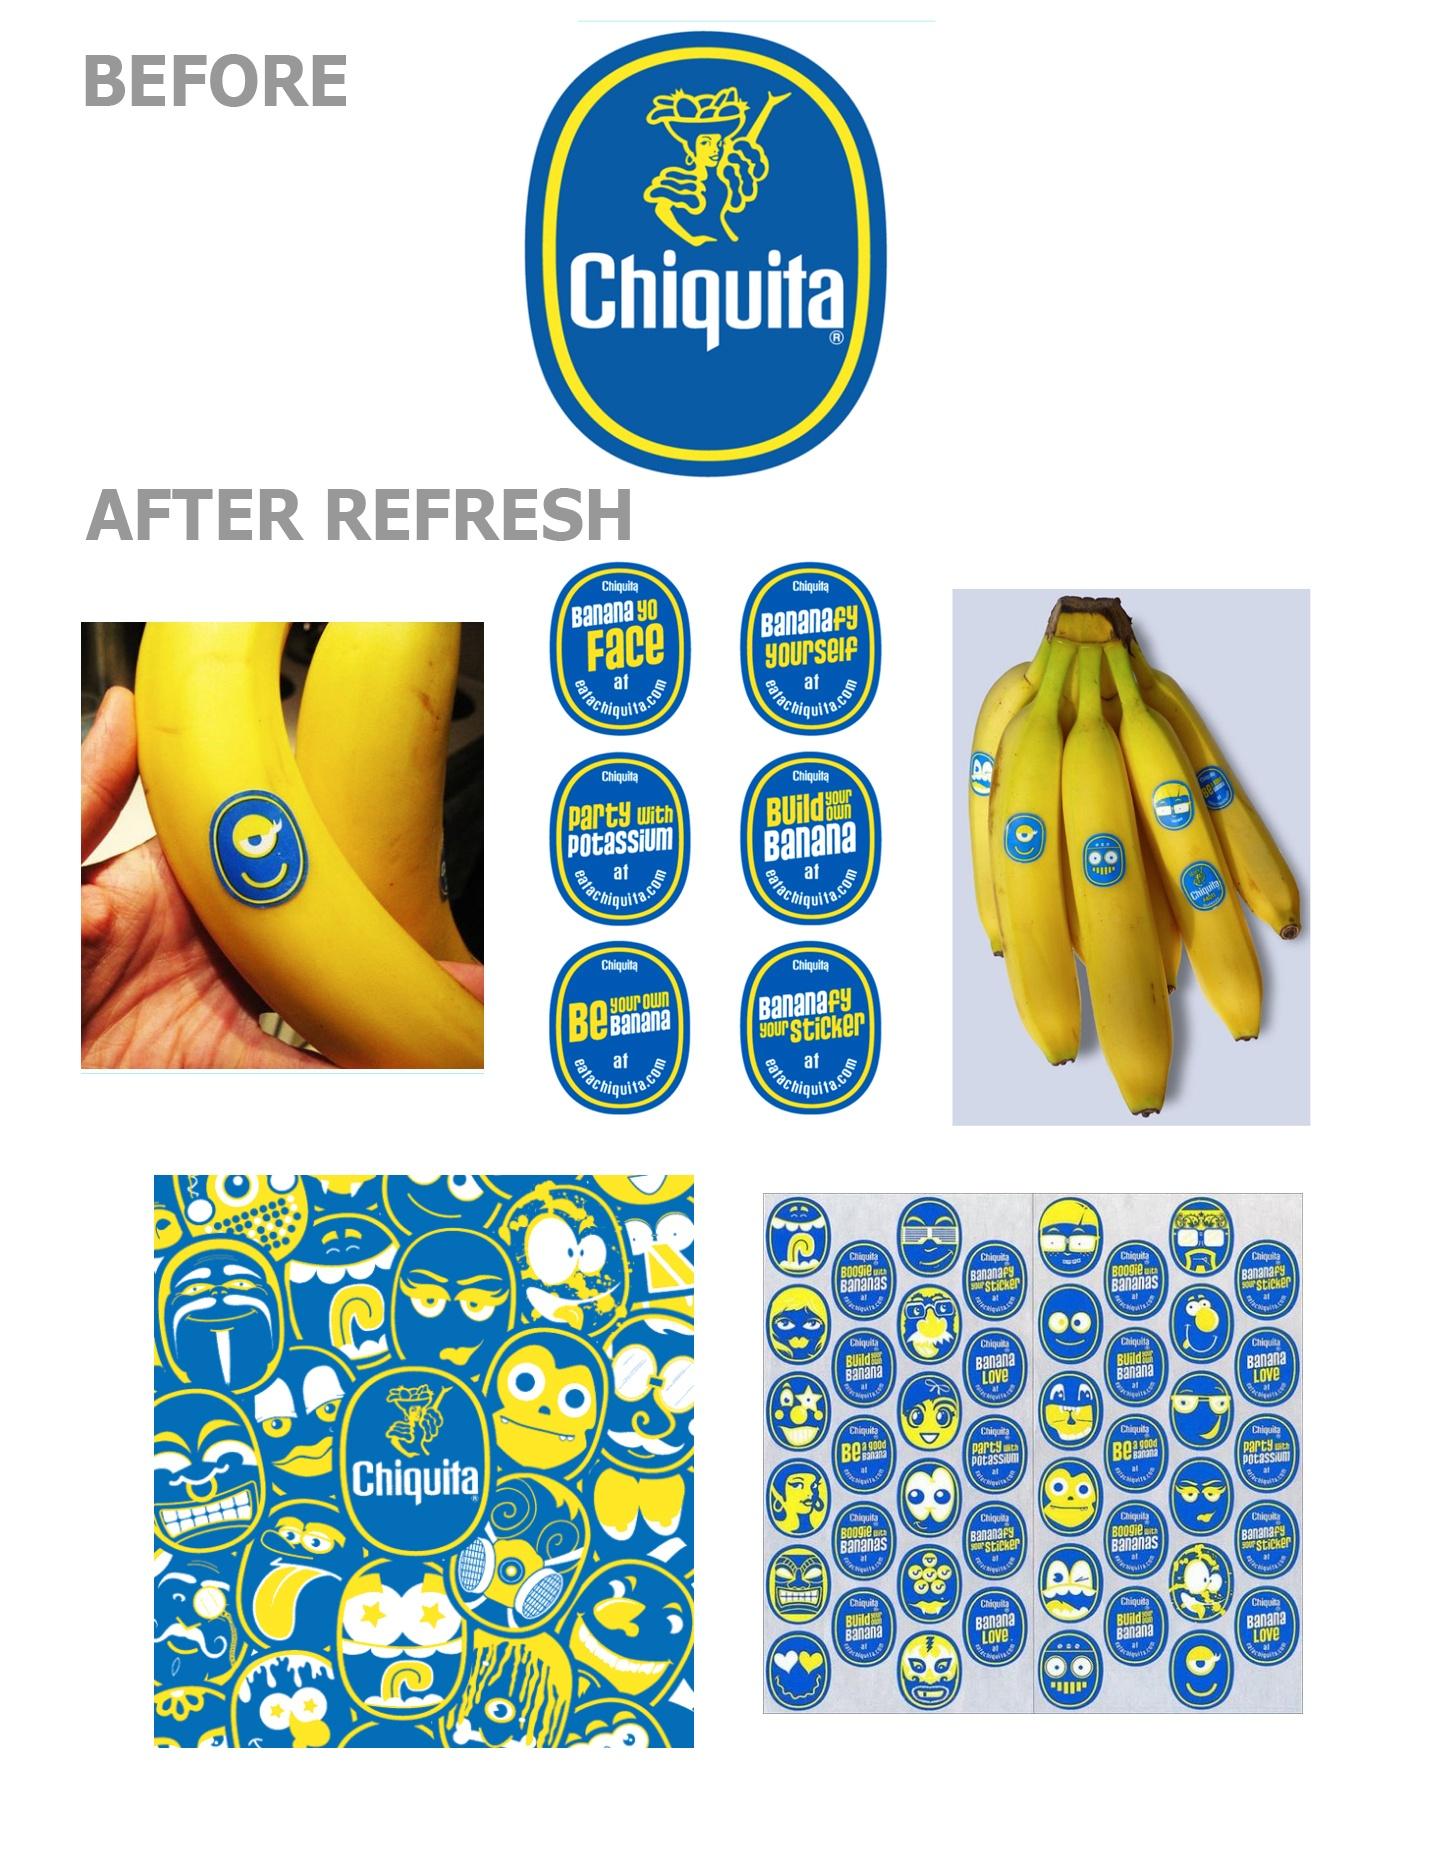 chiquita-brand-refresh